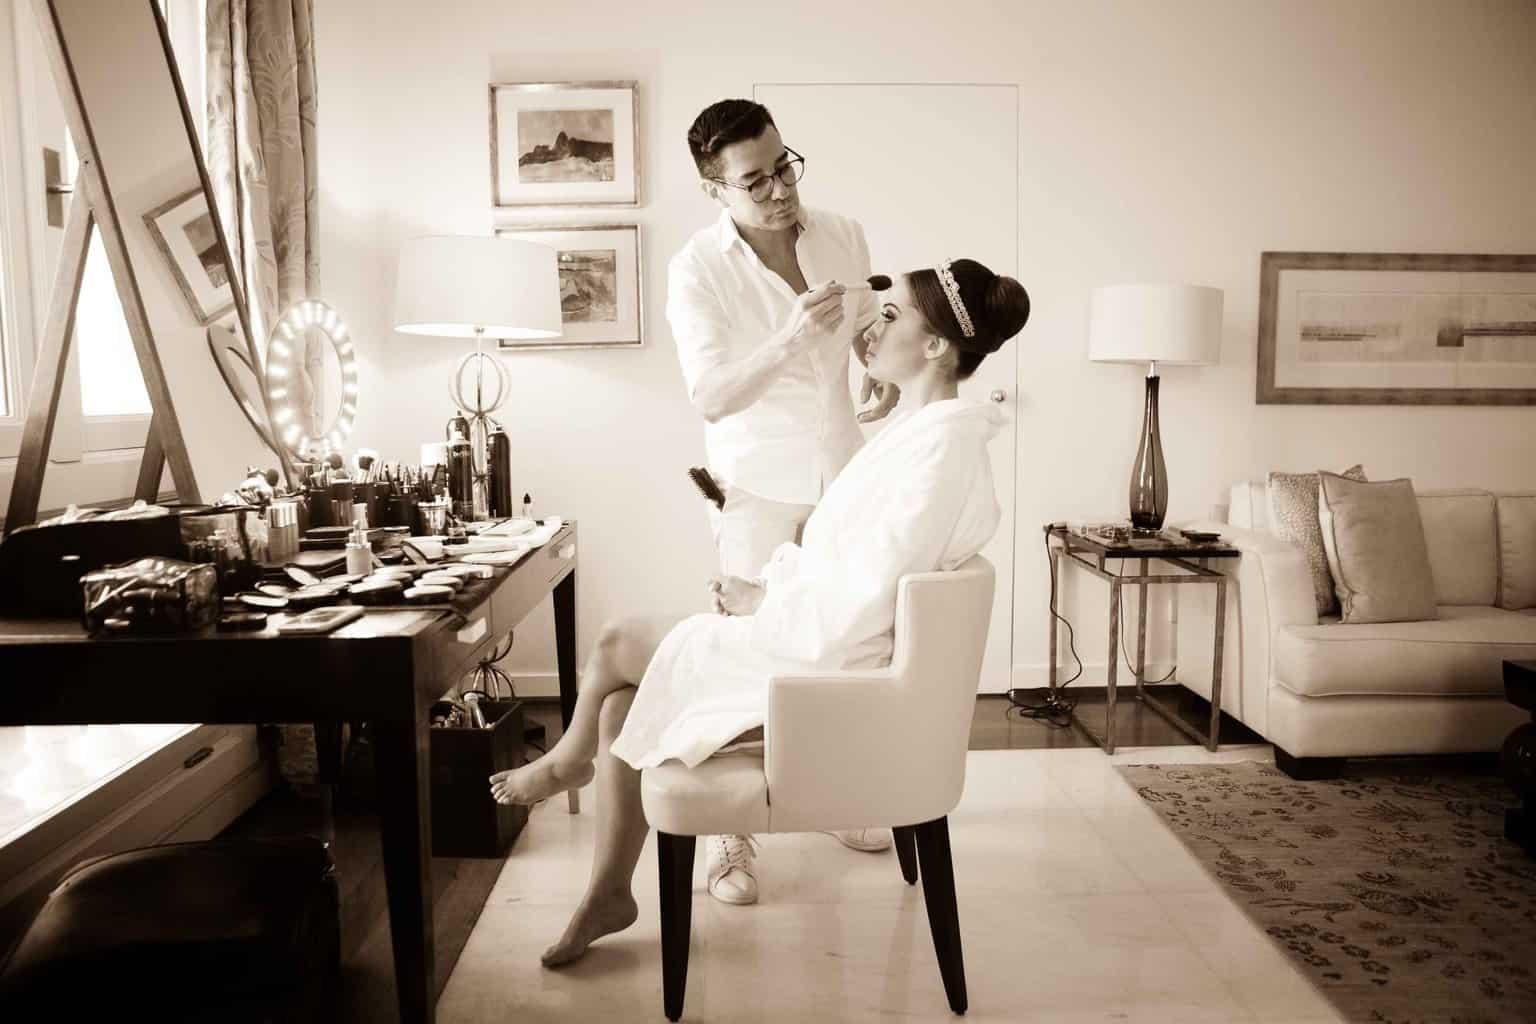 Casamento-Clássico-Casamento-tradicional-Copacabana-Palace-Making-of-Marcelo-Hicho-Monica-Roias-Ribas-Foto-e-Vídeo-Sapato-Tuanny-e-Bernardo-CaseMe-6